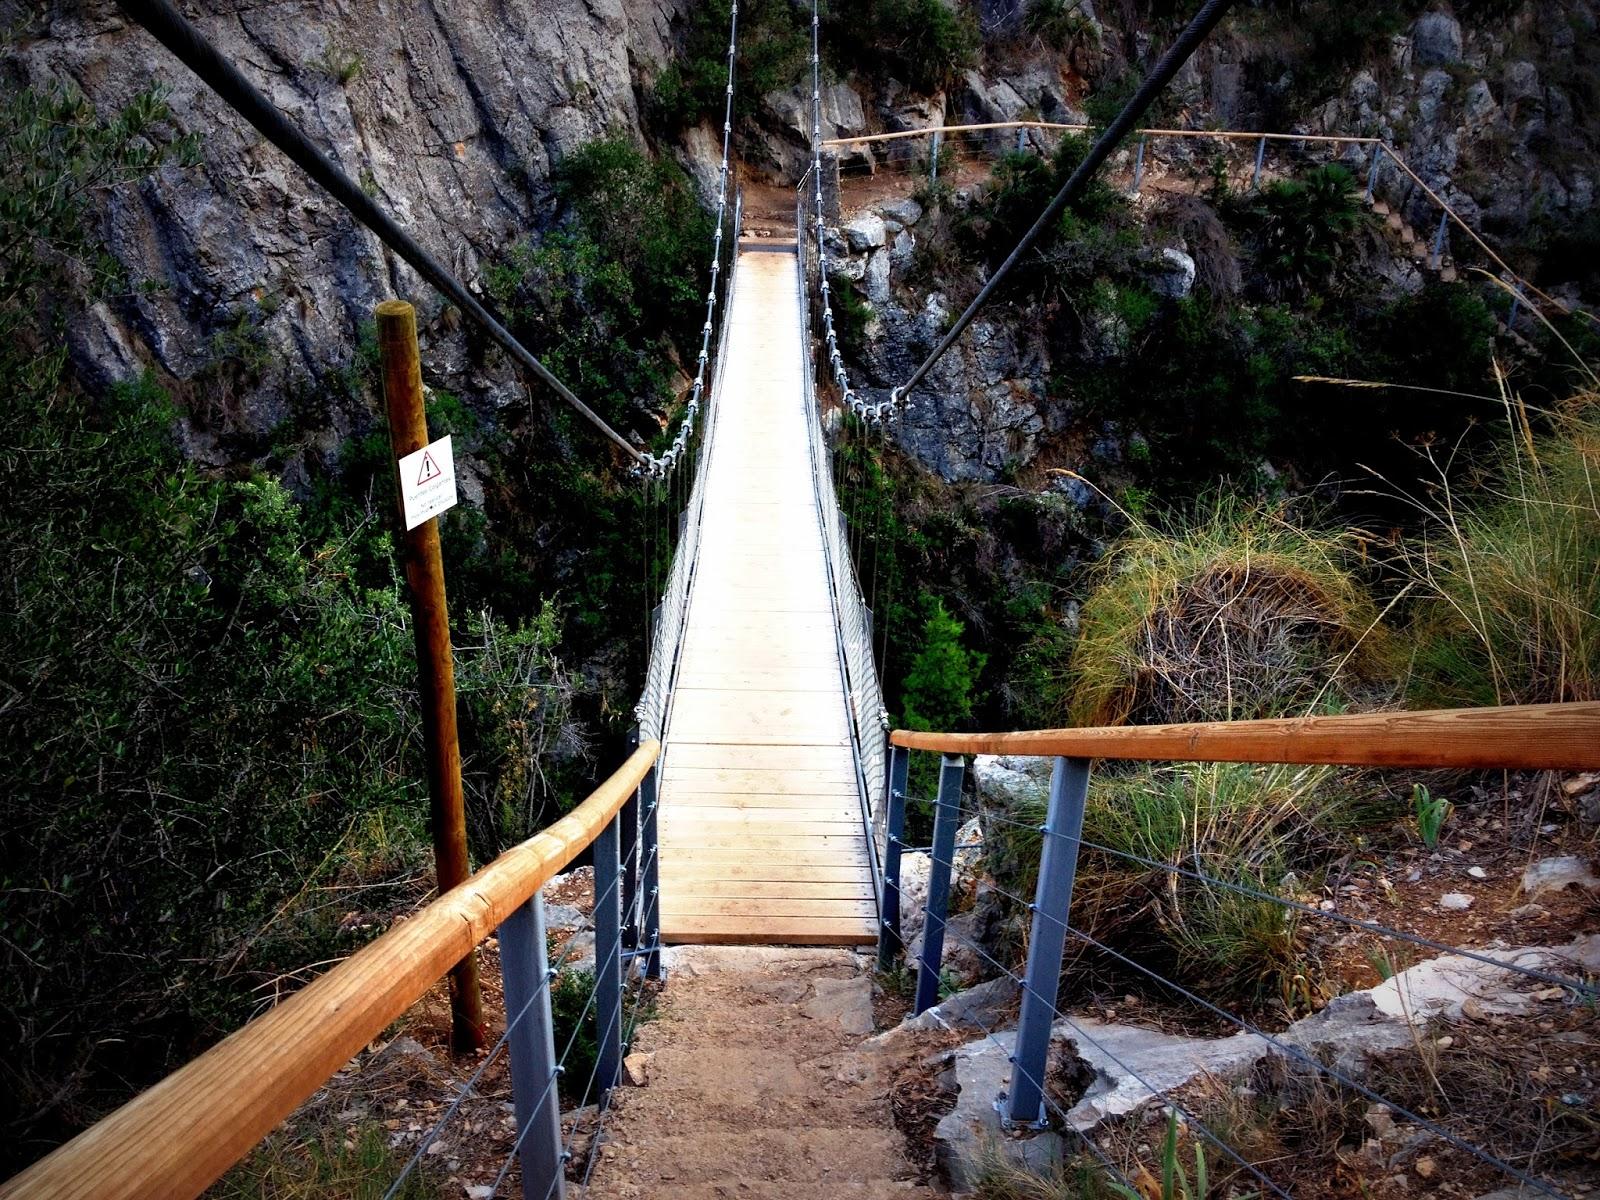 Chulilla y su puente colgante - Qué ver en Valencia Interior